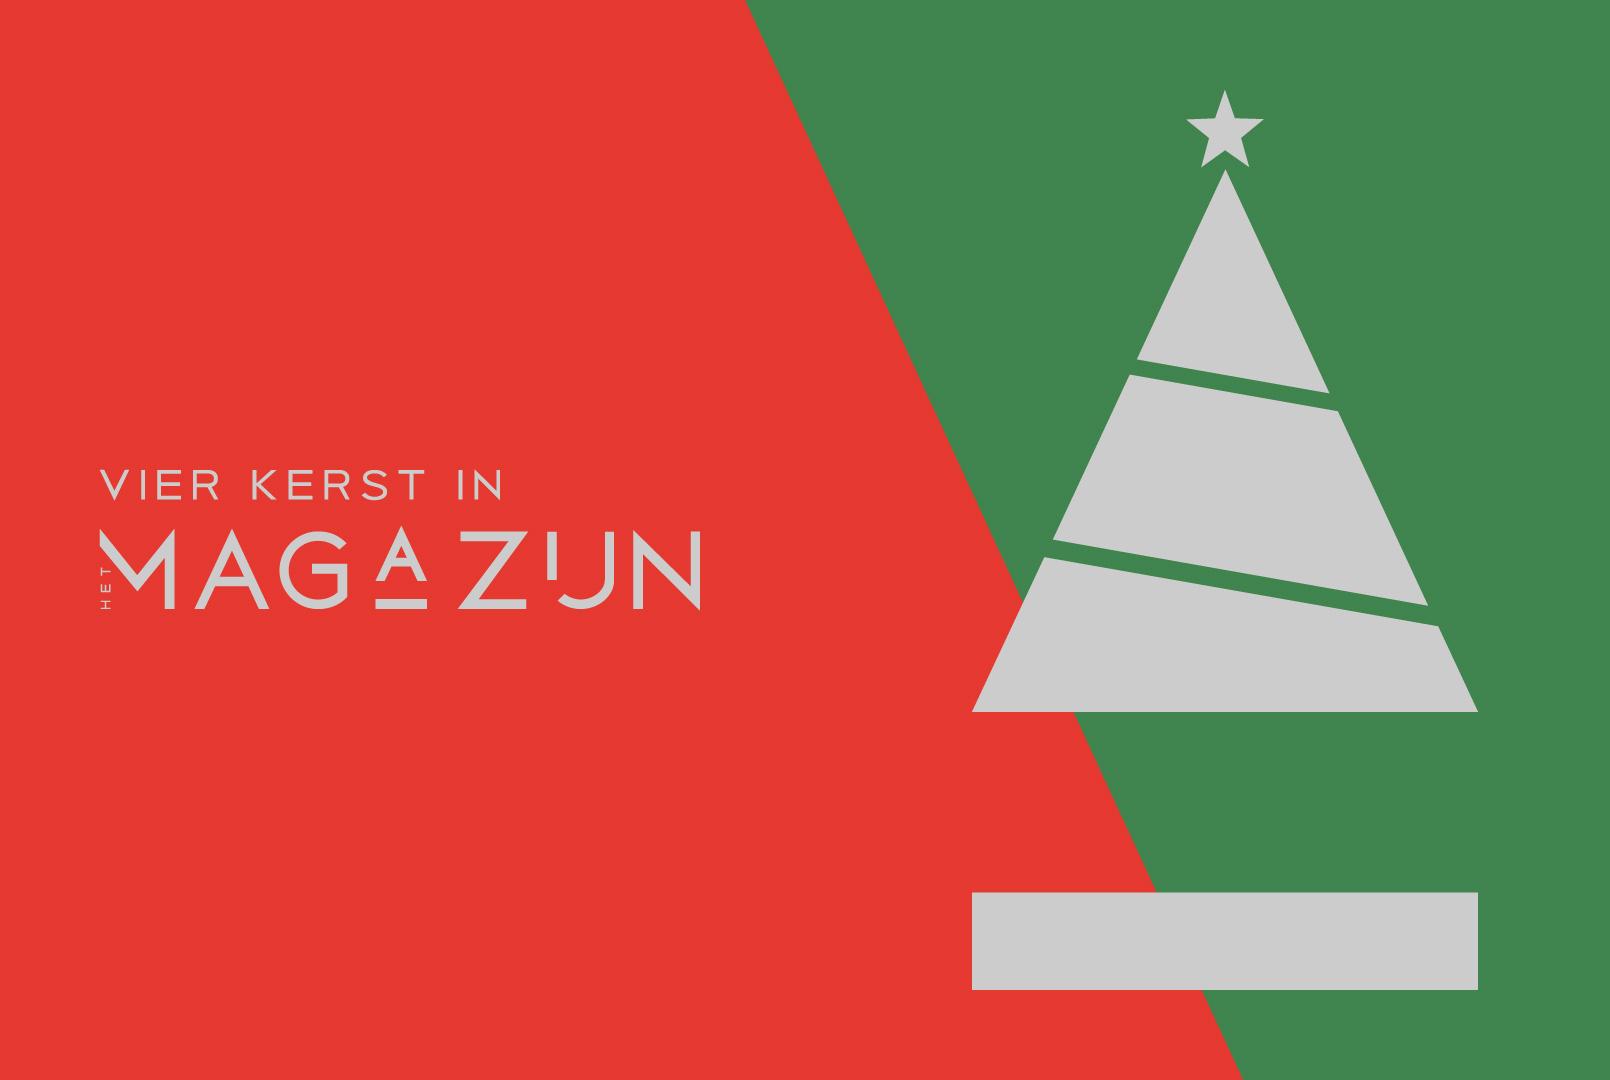 Vier kerst in Het Magazijn